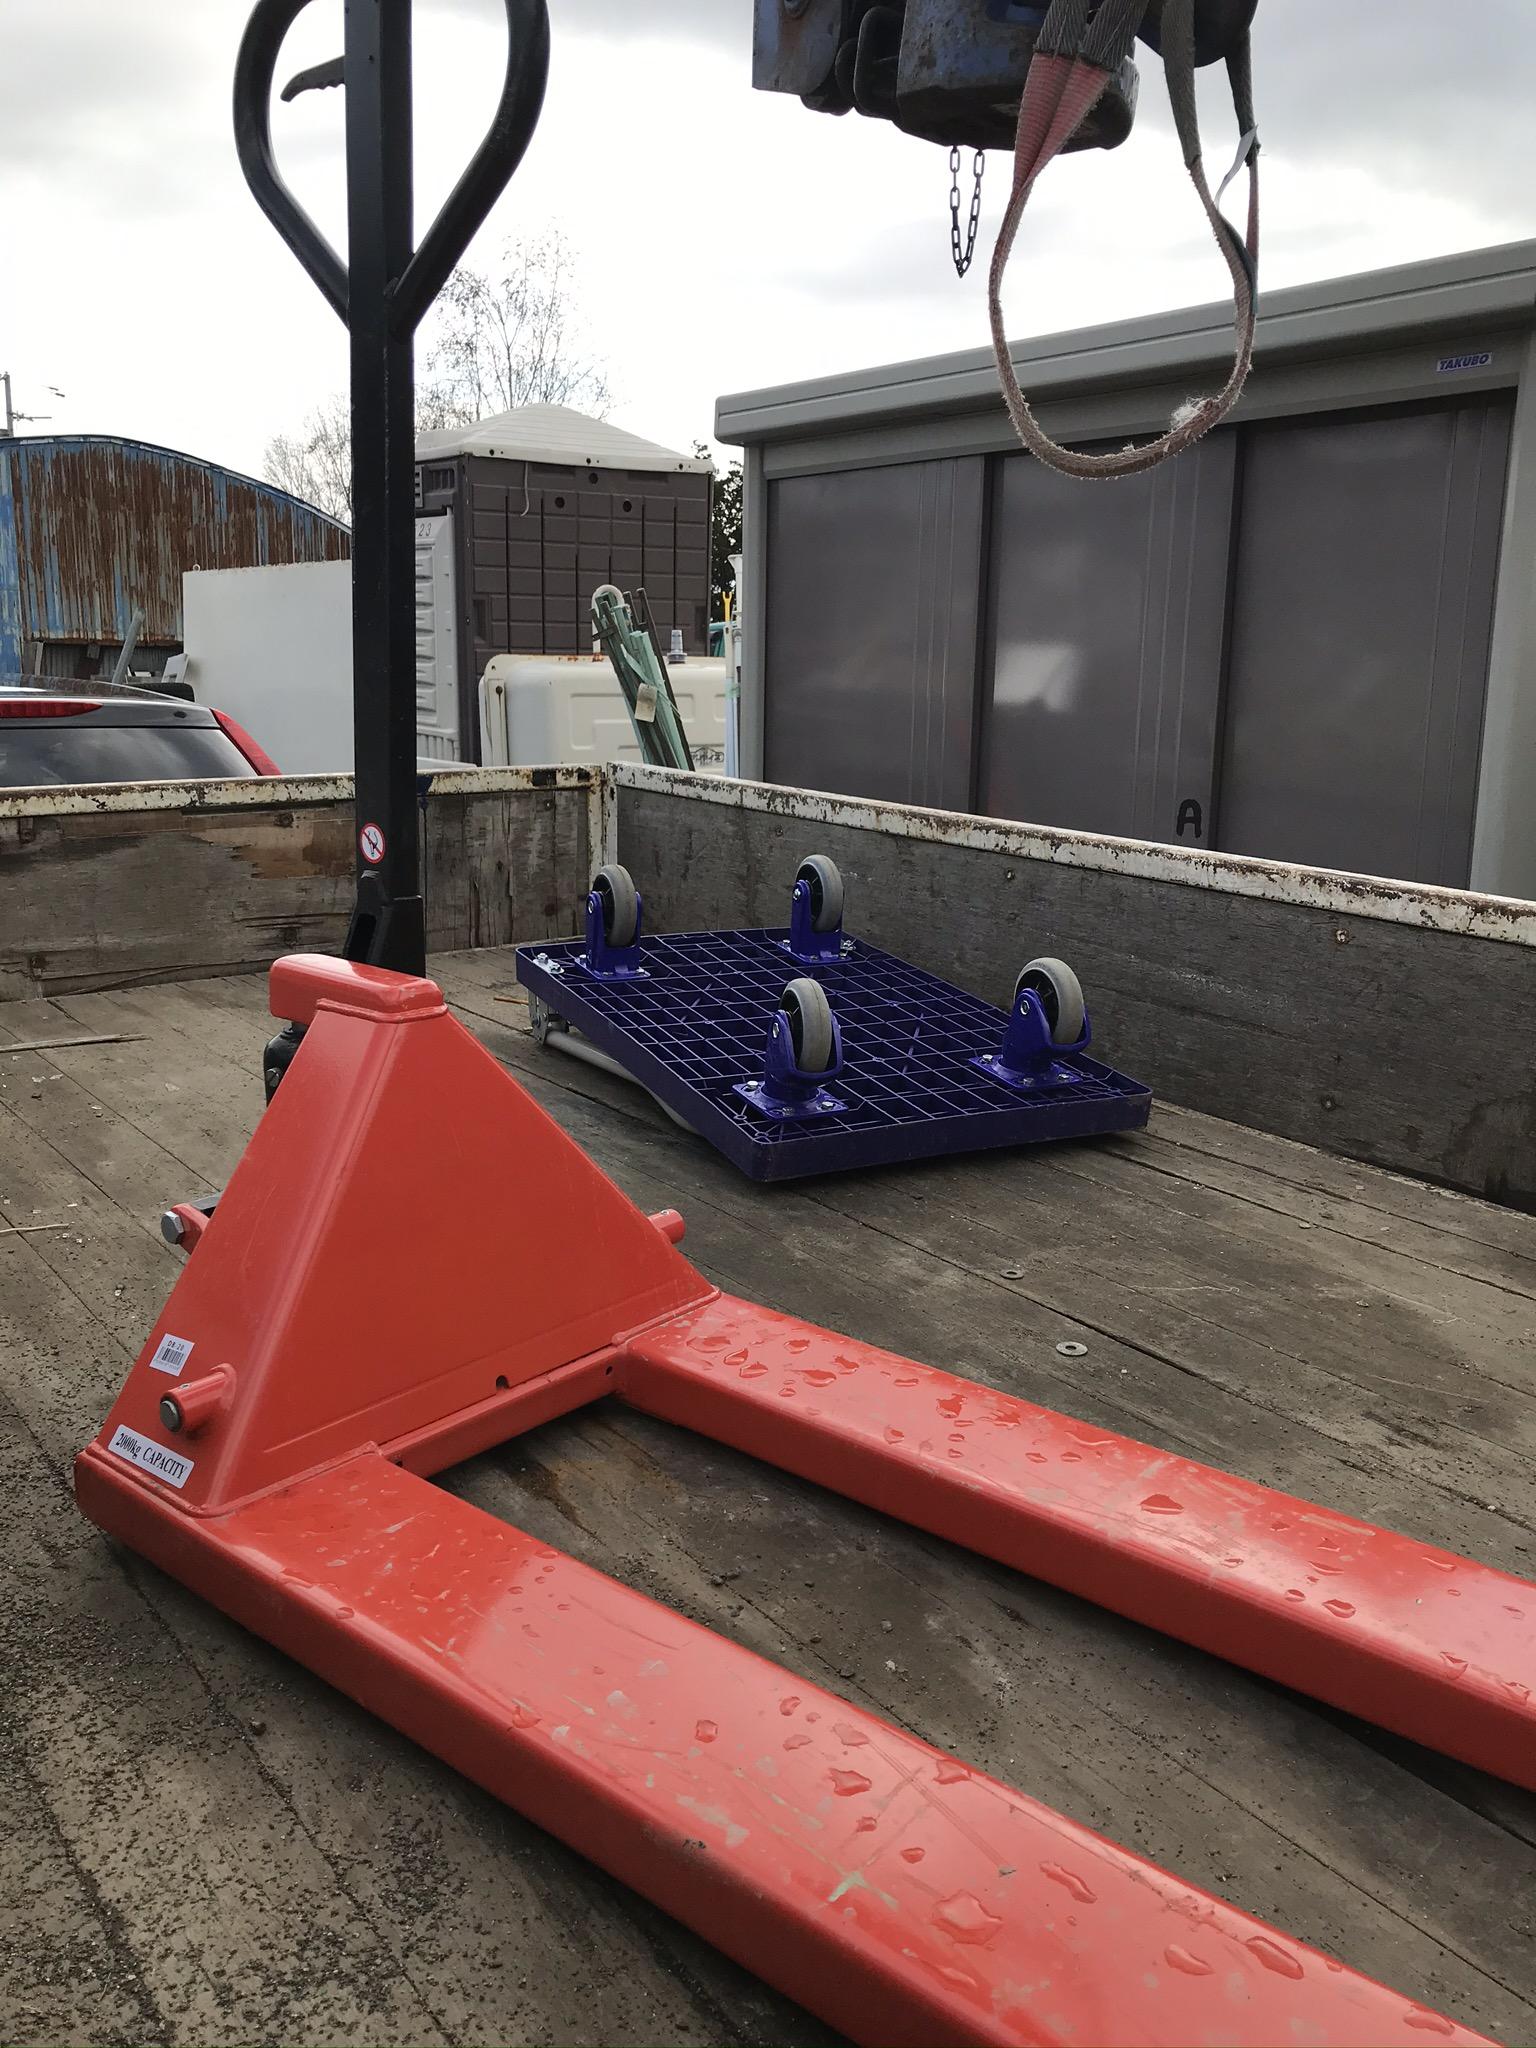 札幌市北区14条西|校内作業場の、重量物やゴミの移動と不用品処分の依頼|K様